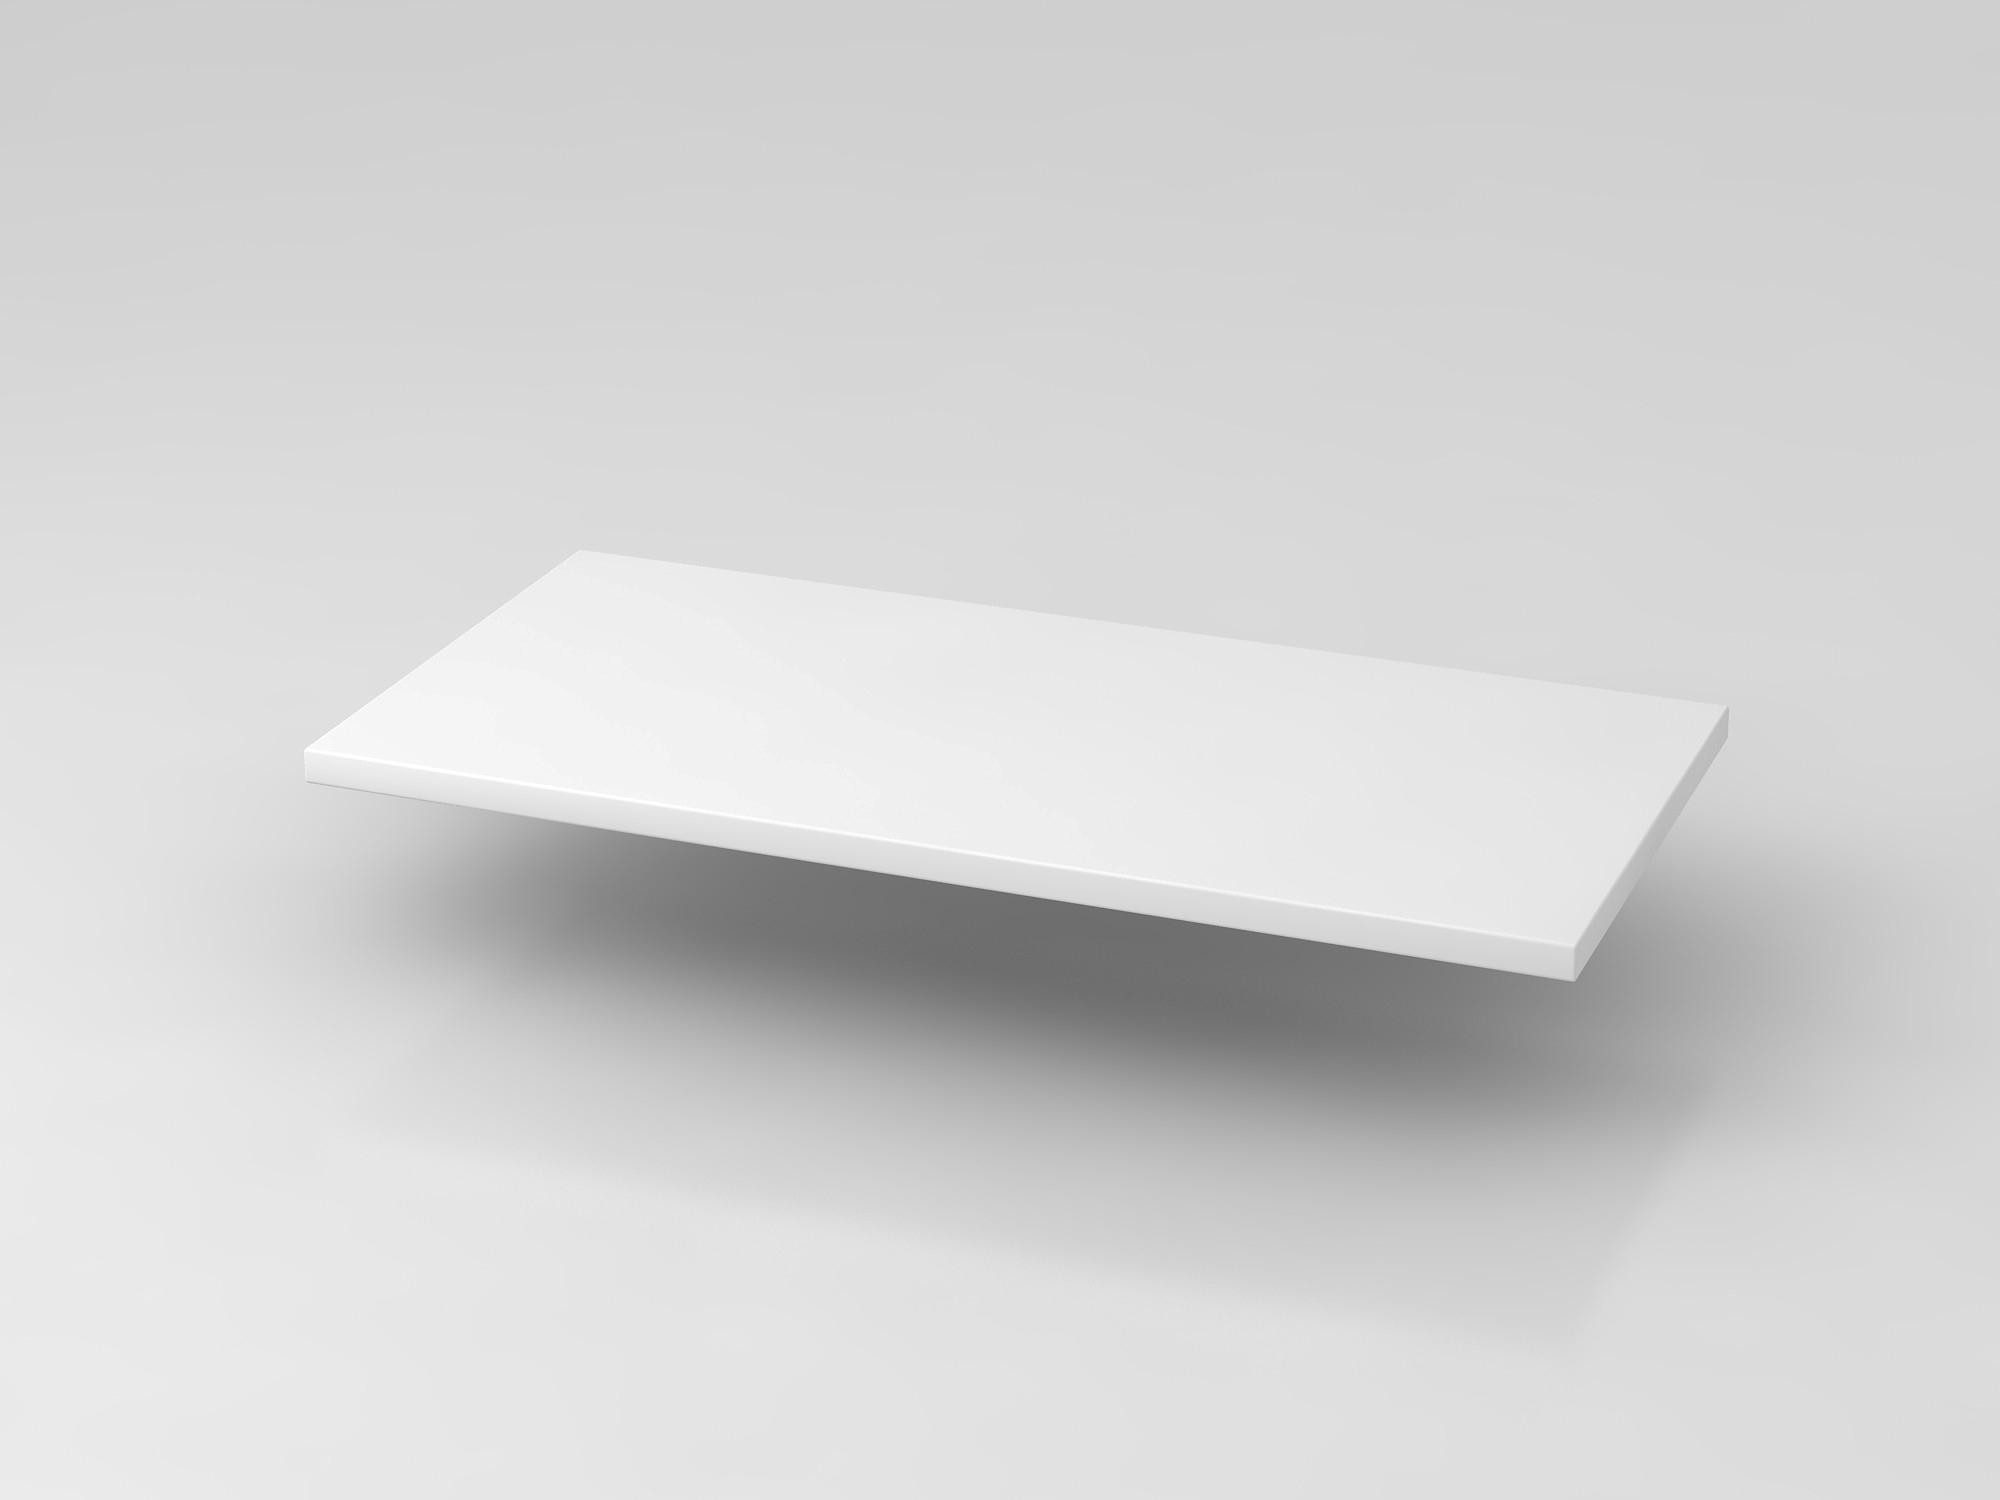 Fachboden 80 cm Weiß 9er Wand